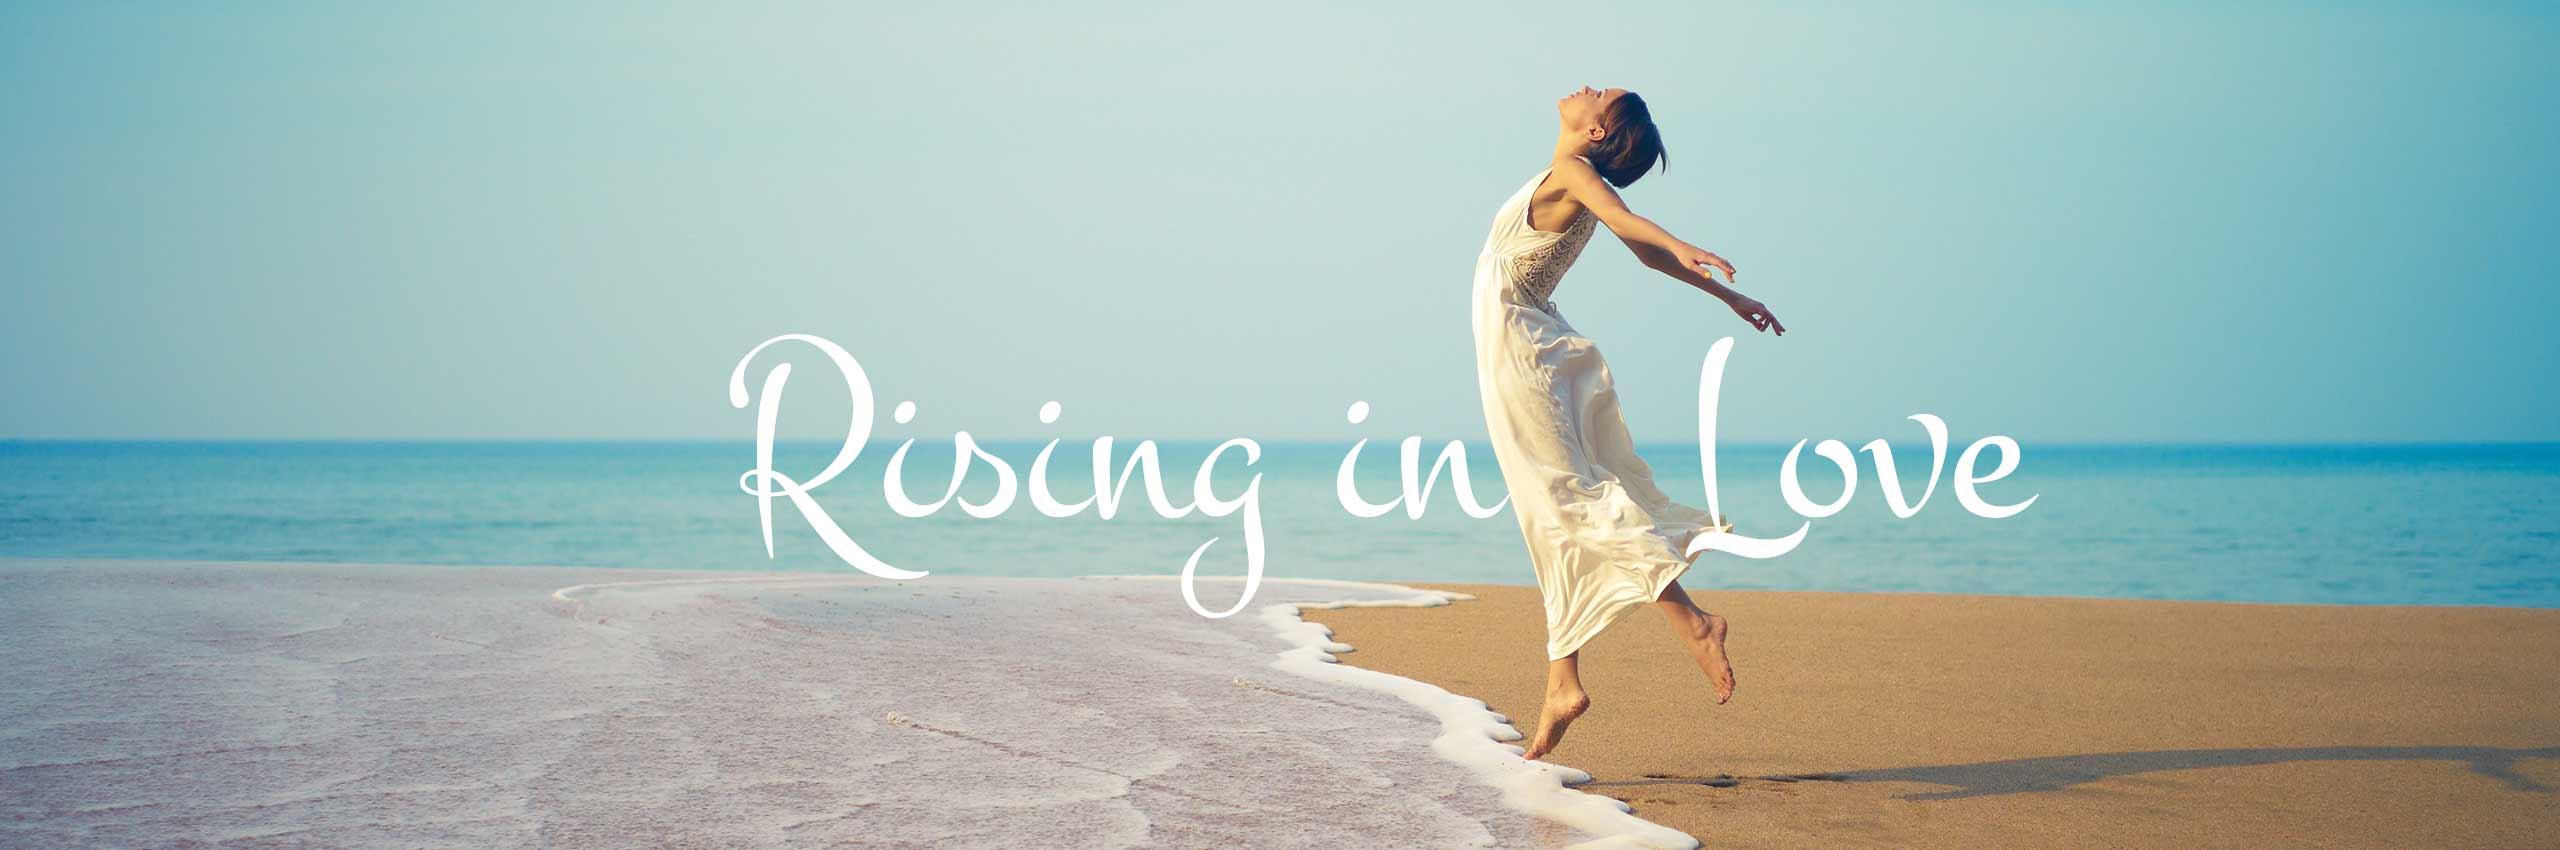 rising-in-love